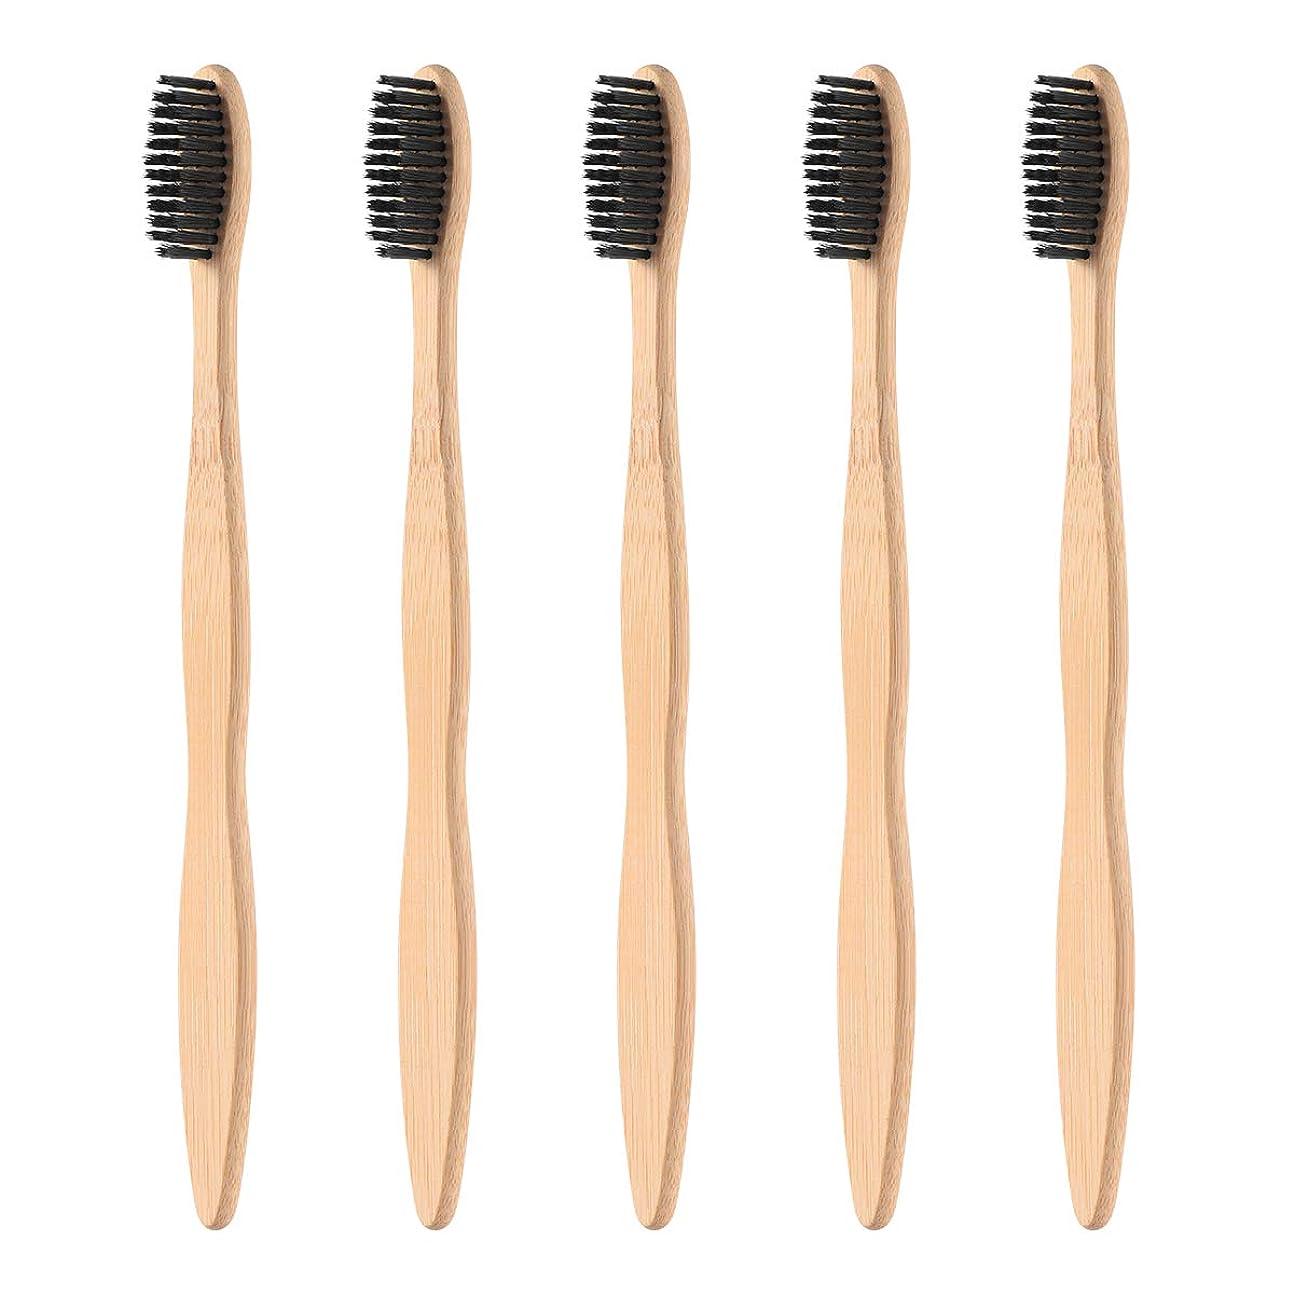 寛大さ離婚祝福するSUPVOX 5本の天然竹製の歯ブラシ木製エコフレンドリーな歯ブラシで黒く柔らかい剛毛